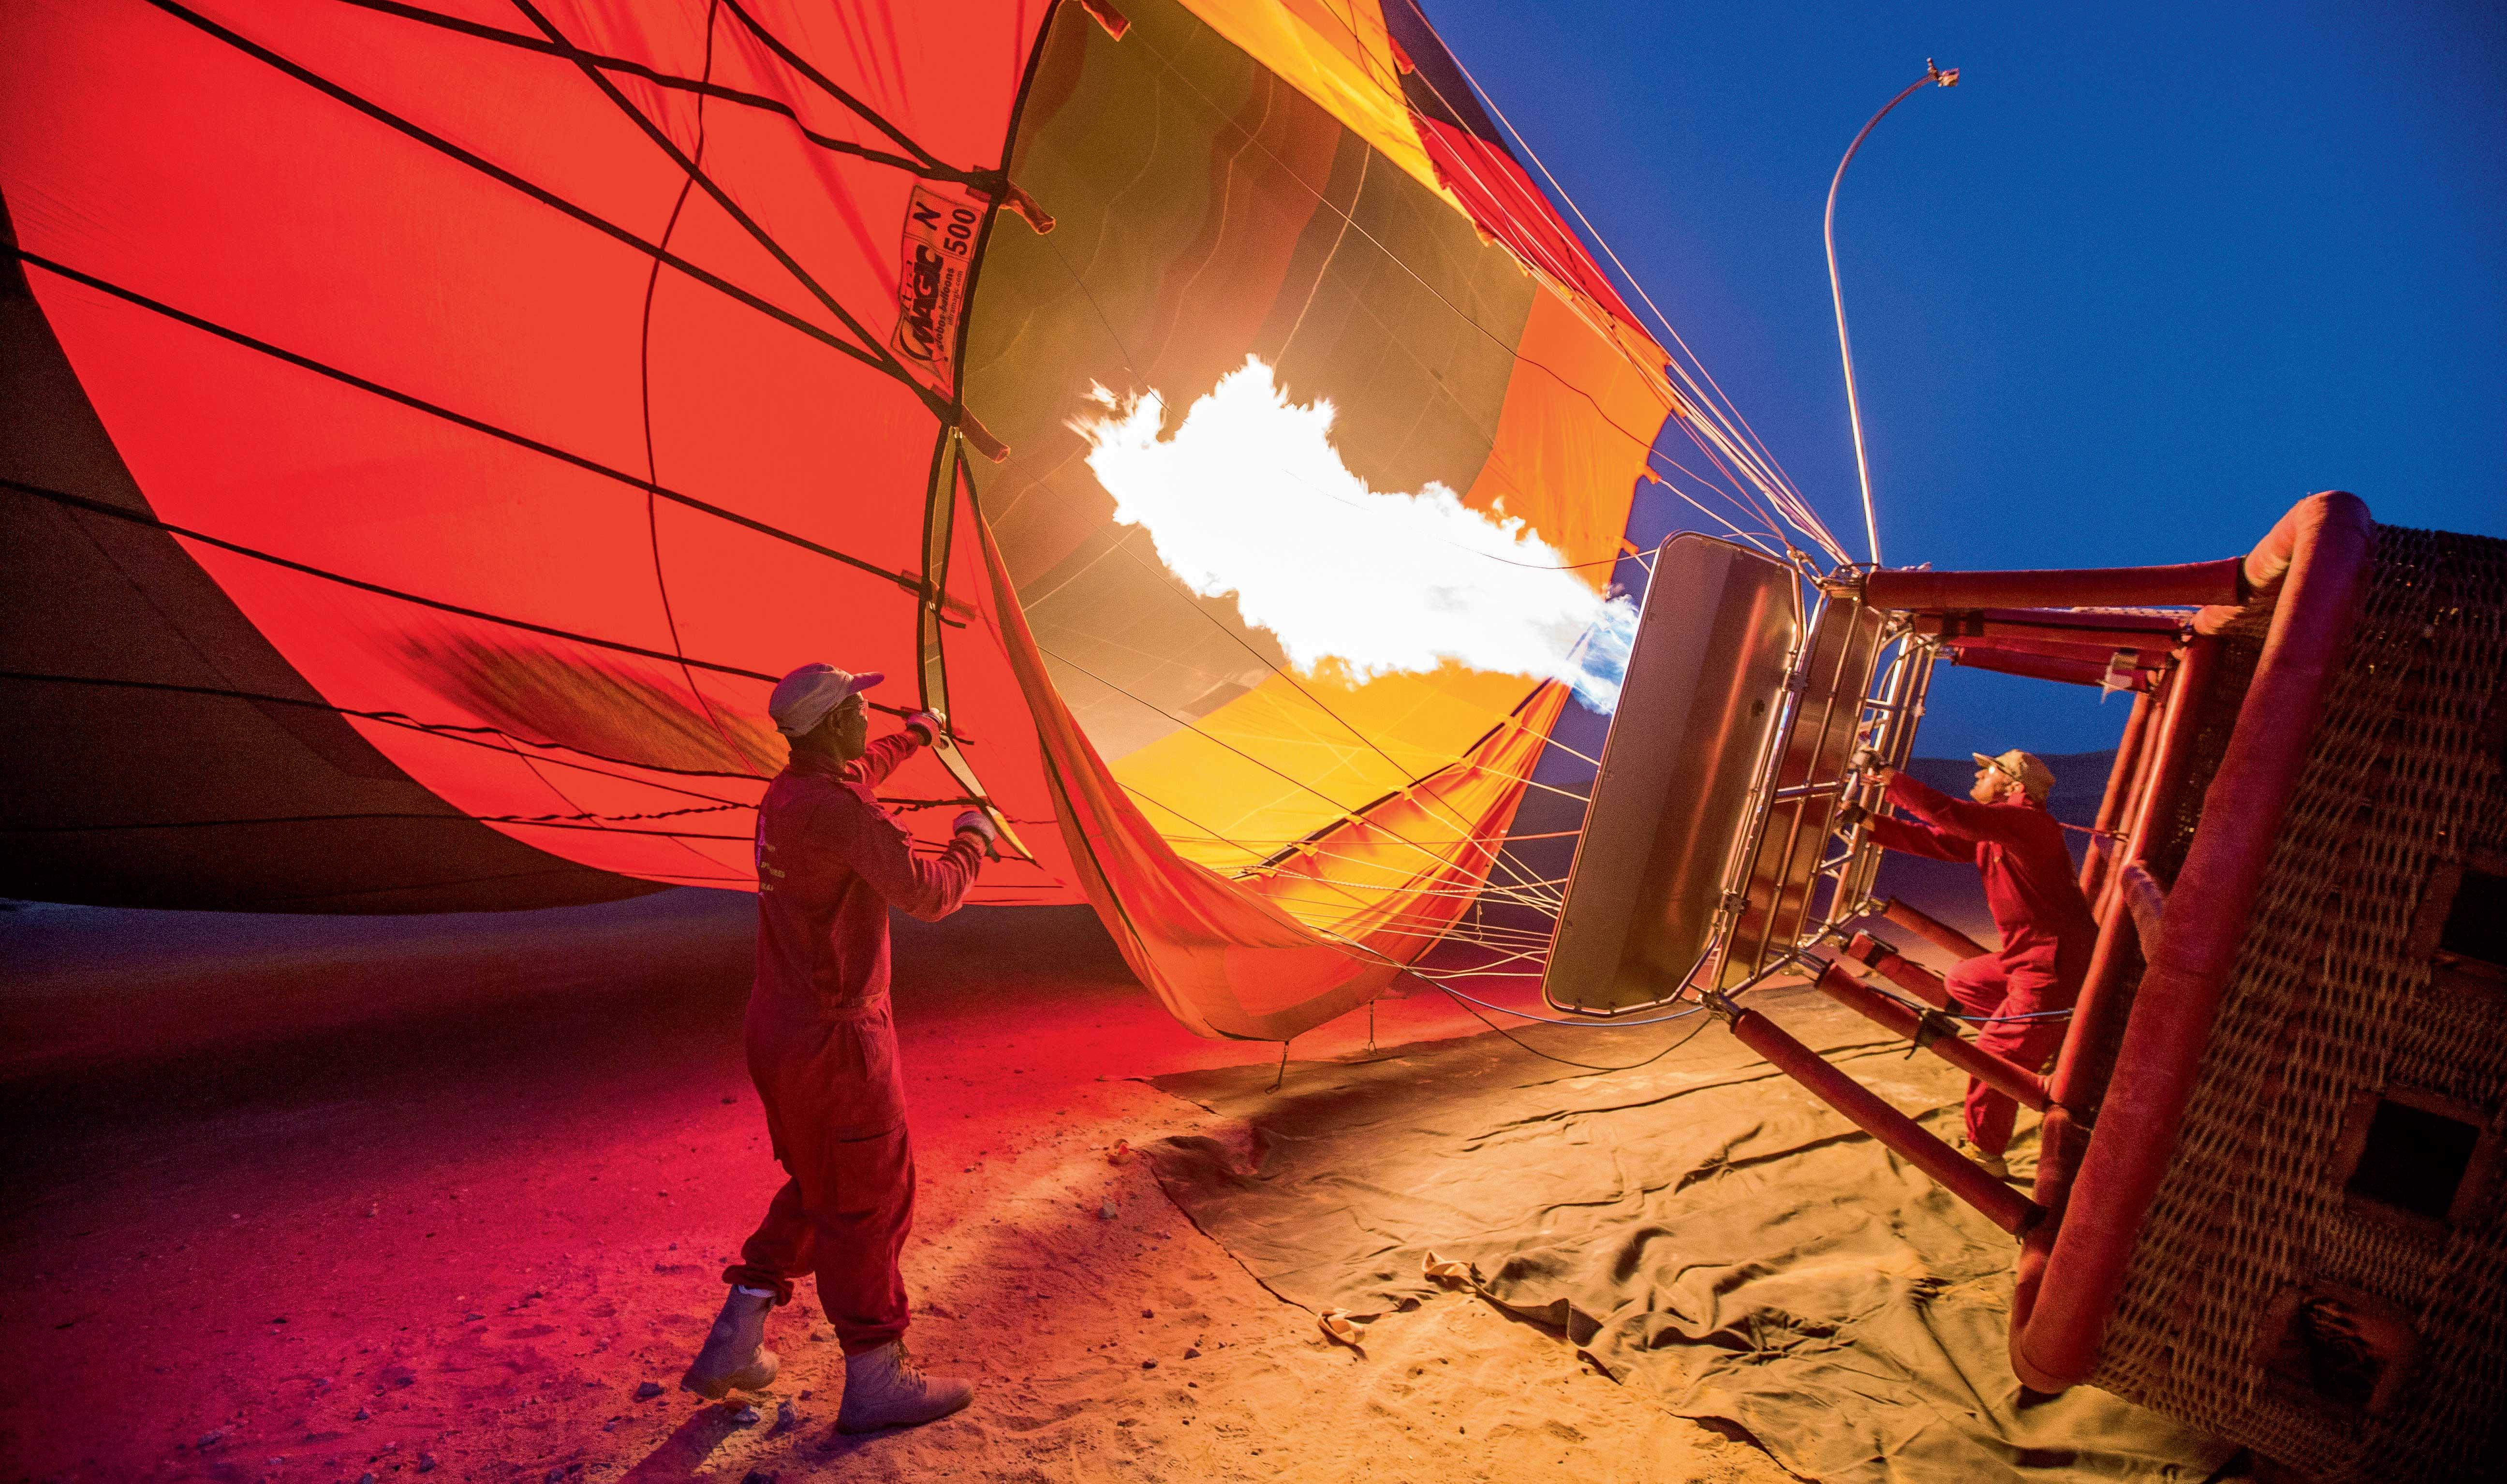 Weird tales on a hot air balloon with a 'macho nutcase' pilot